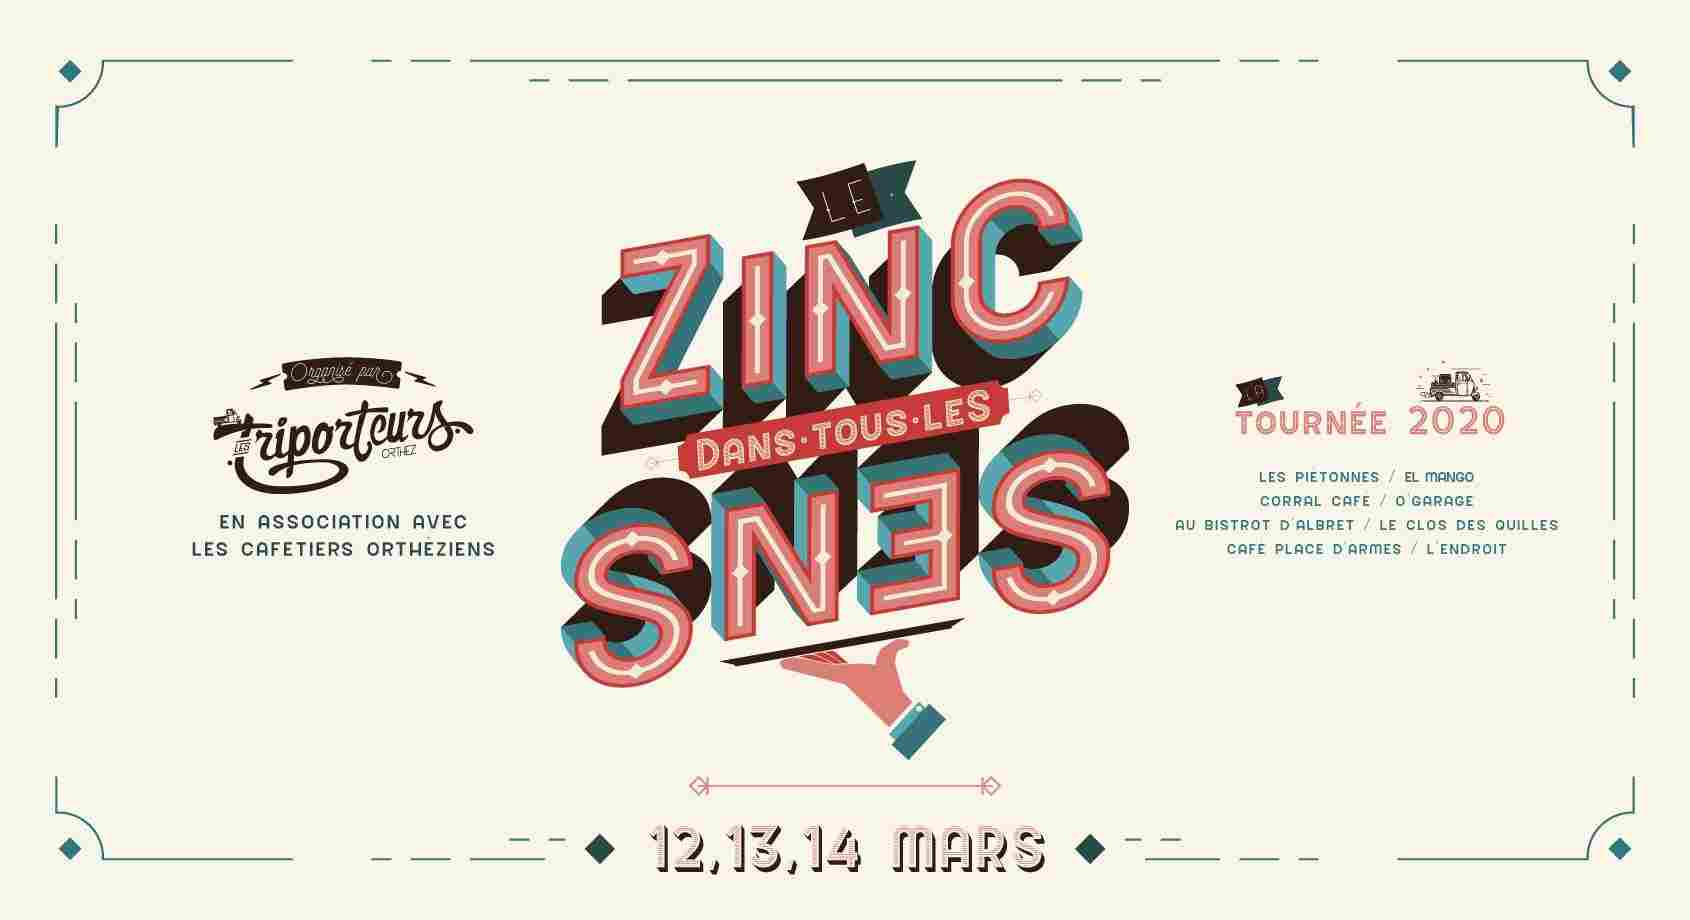 Le Zinc dans tous les Sens : Concert Afterwork'n roll - ORTHEZ